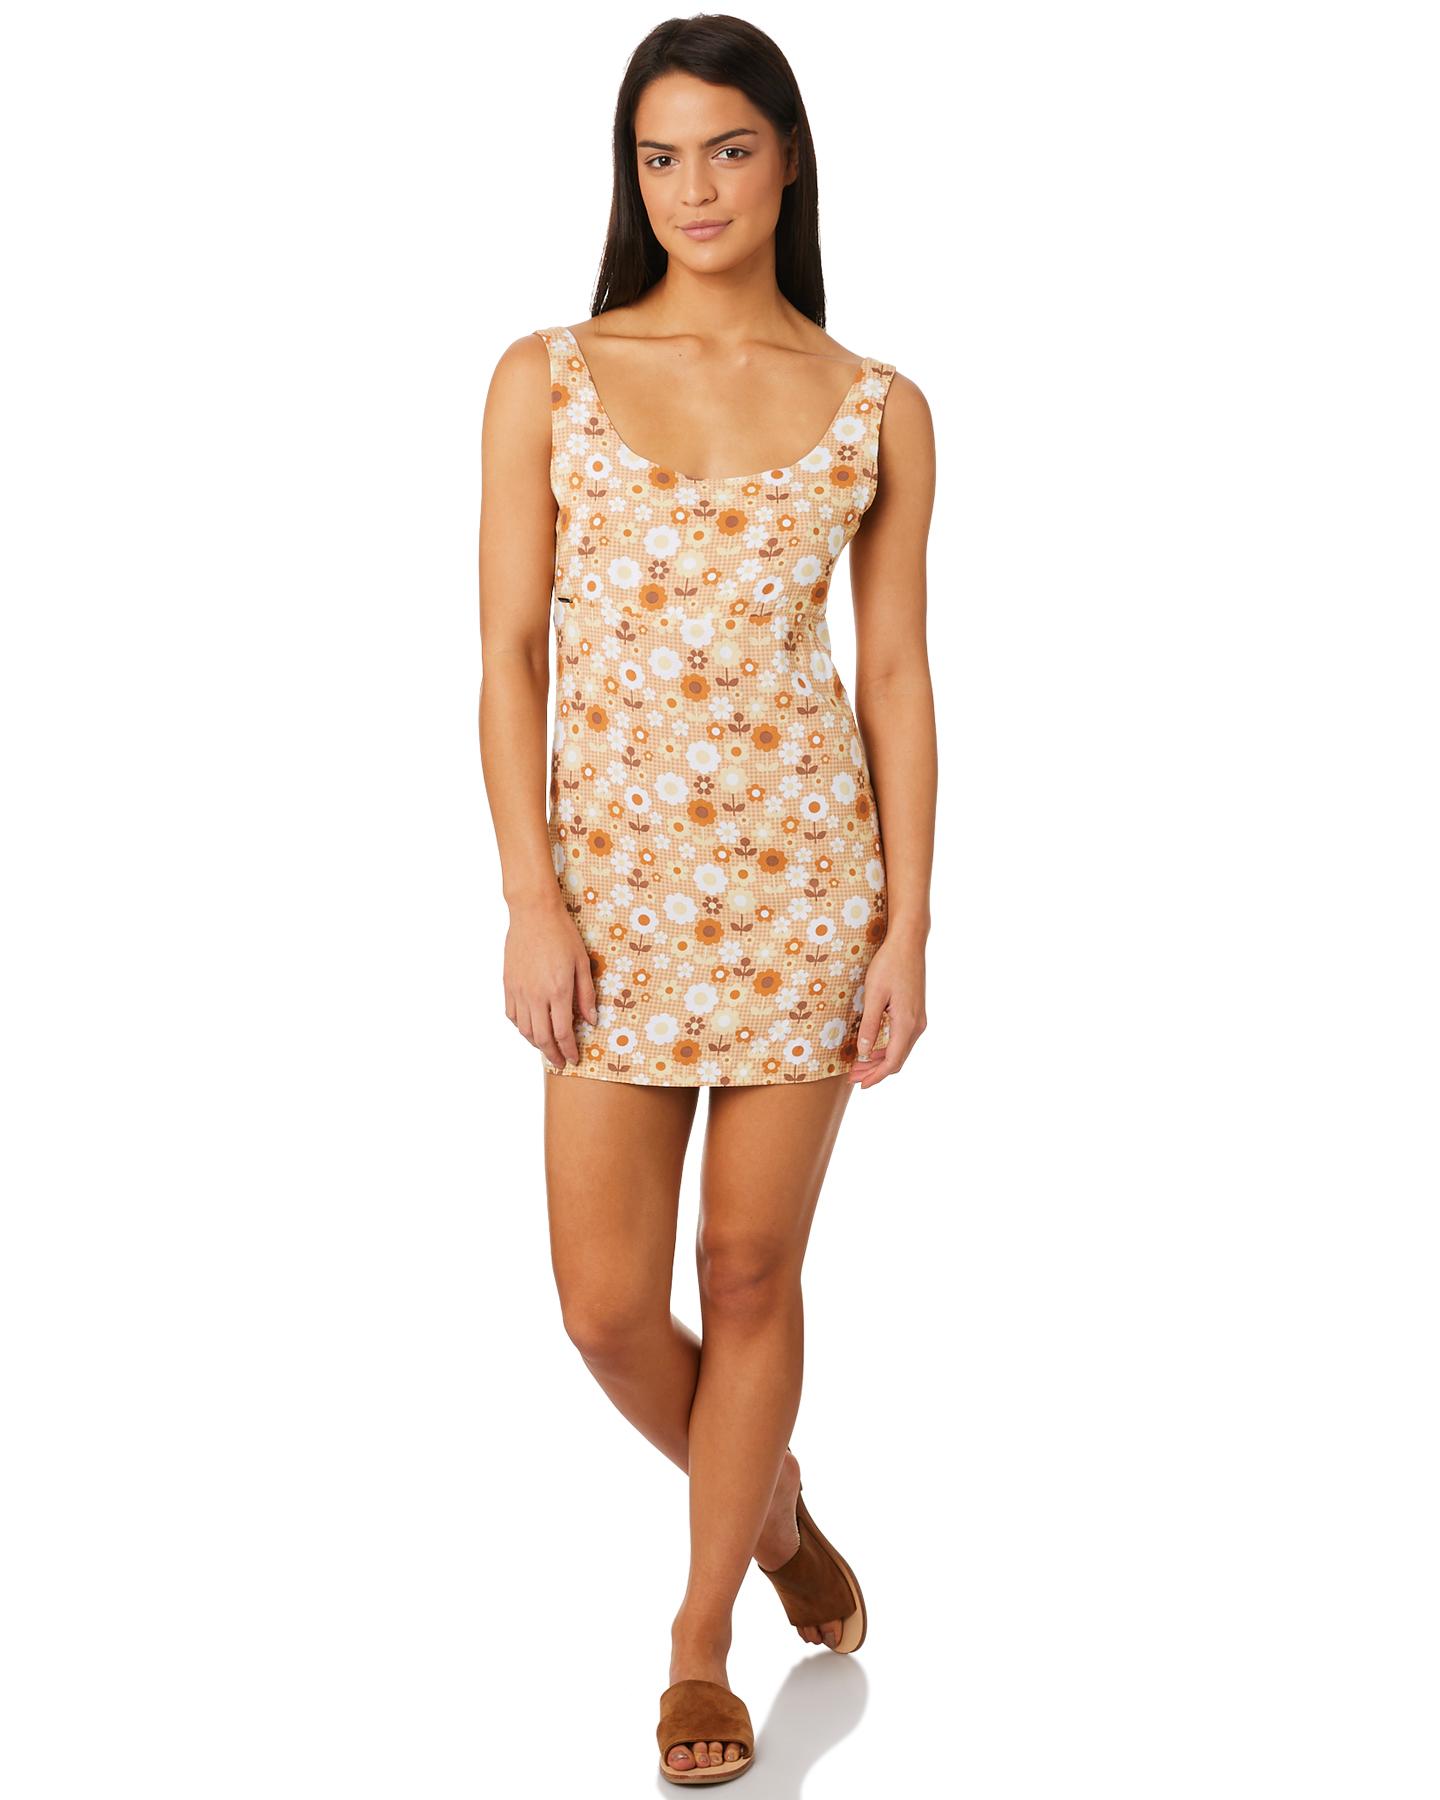 911fed2939bb1 Afends Sabby Mod Dress - Buttercup | SurfStitch